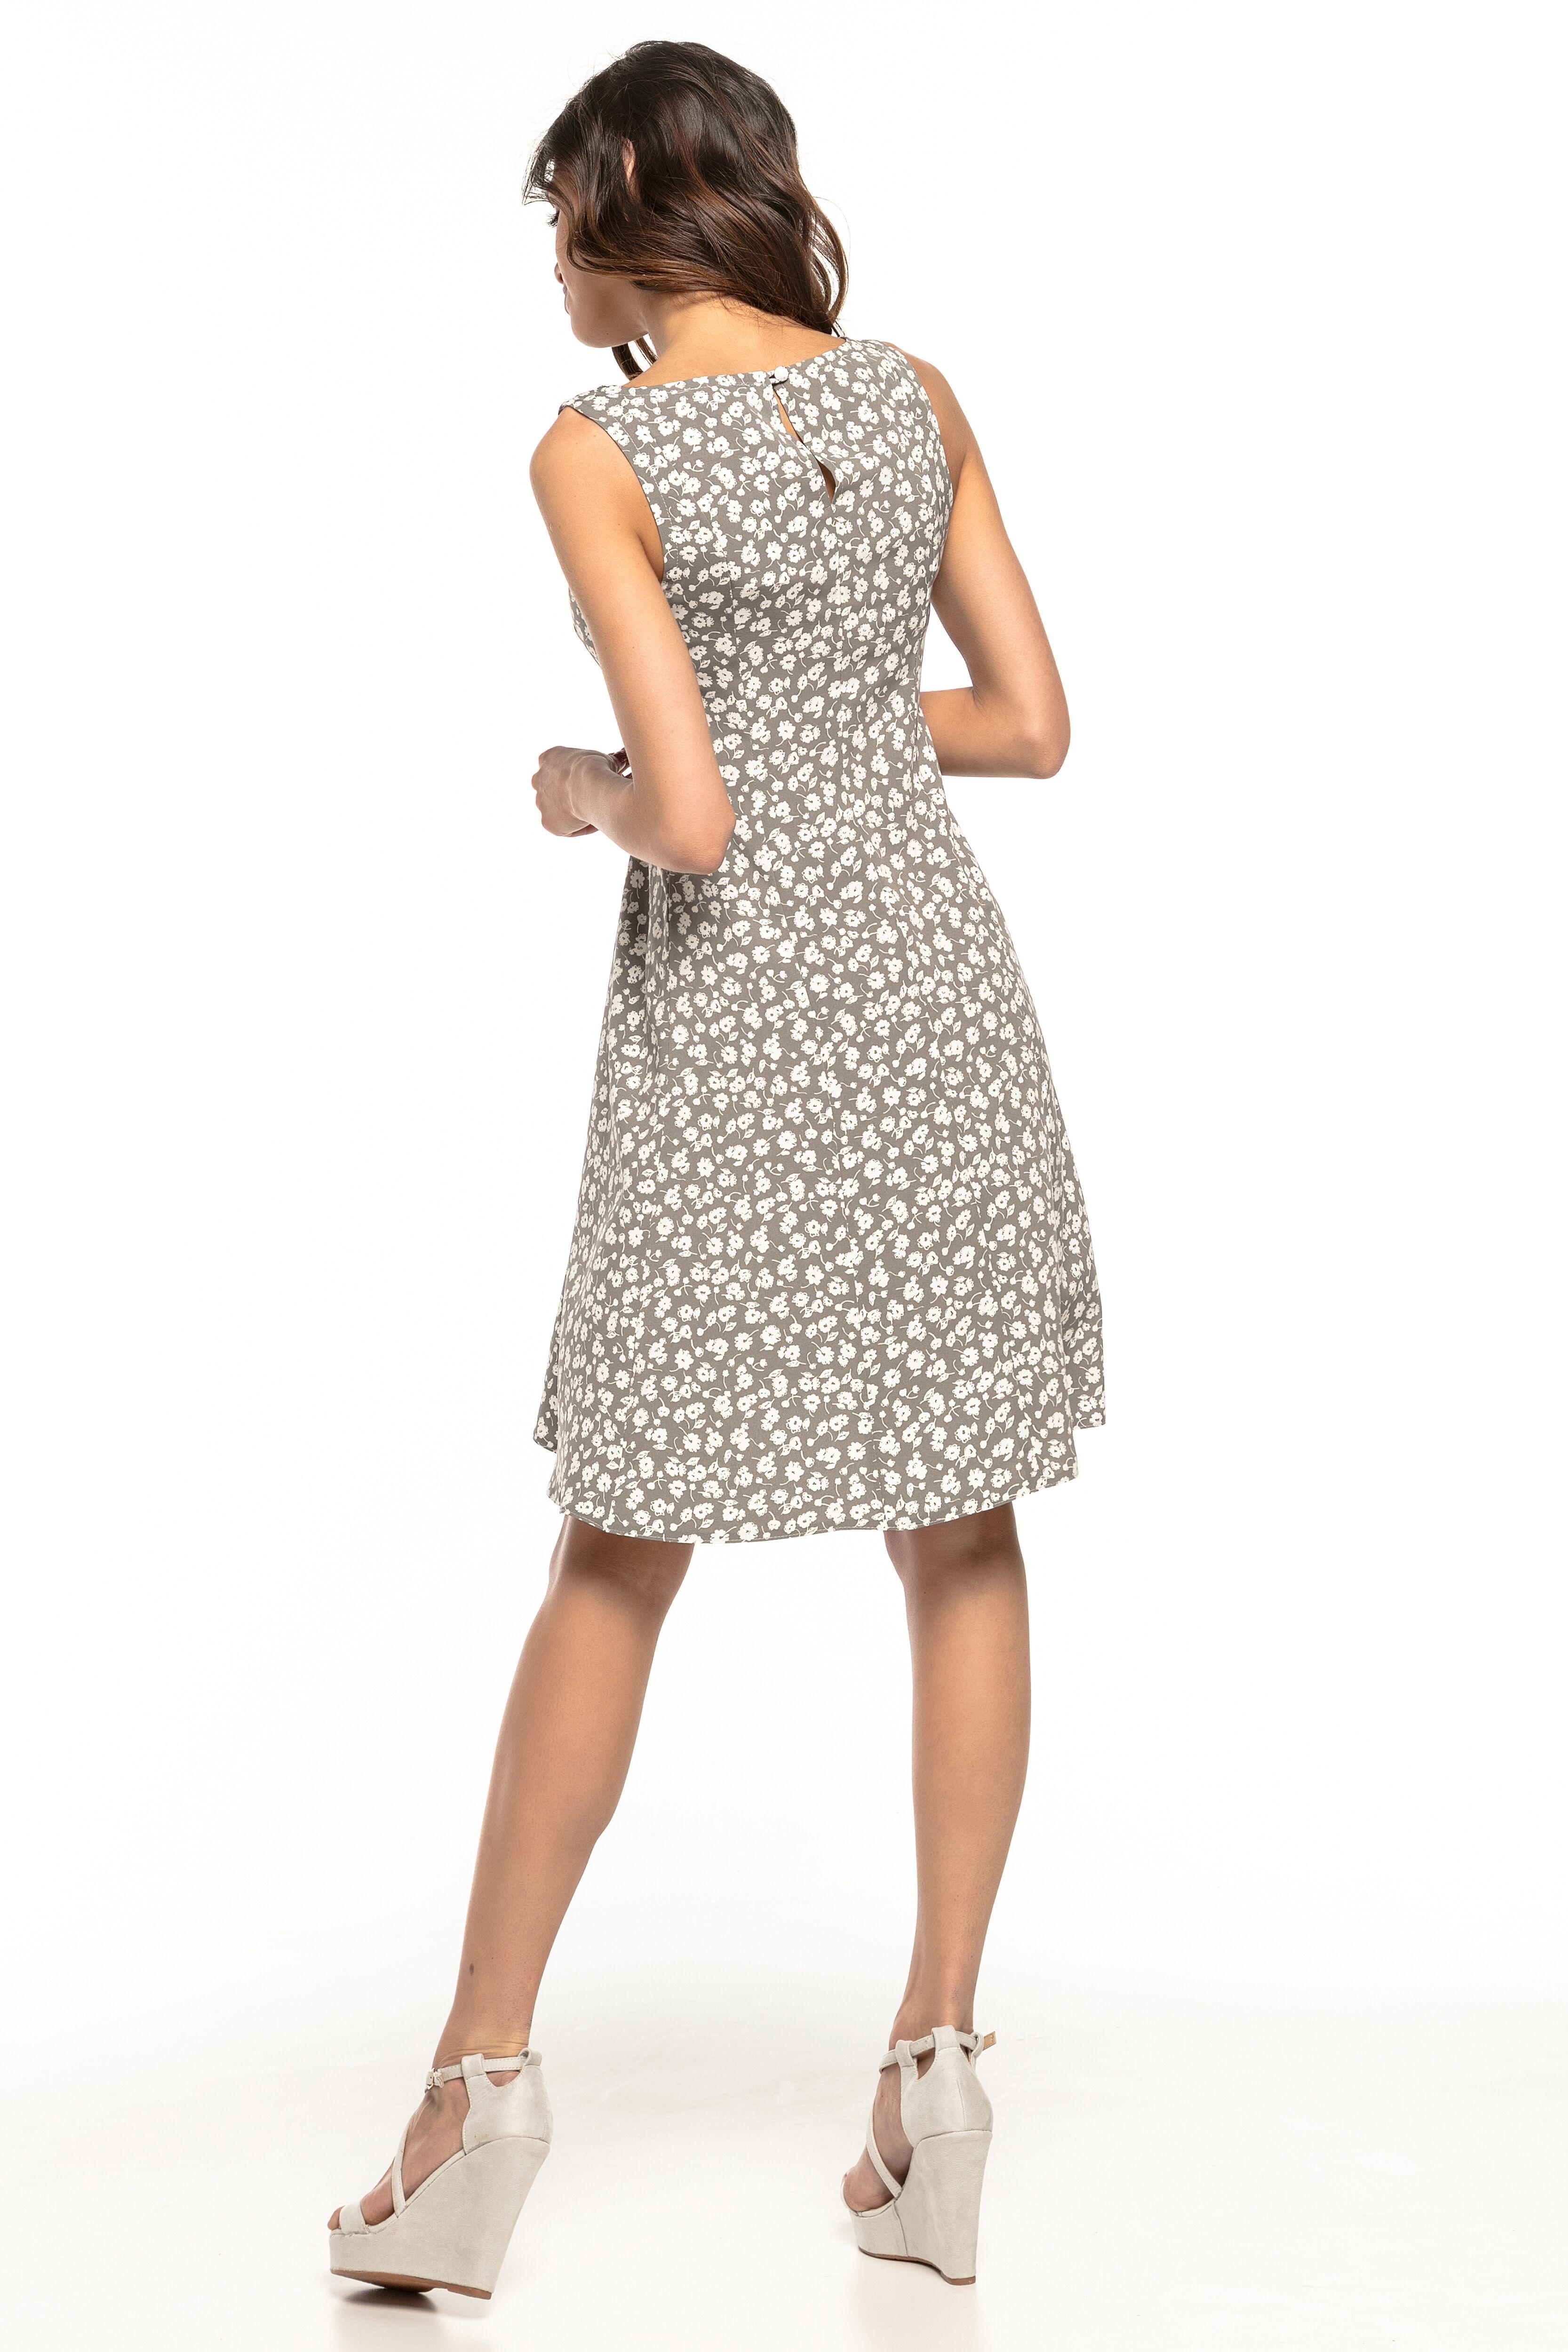 ccee6ad1715891 Sukienka rozkloszowana bez rękawów szary - tani kurier już od 5,99 zł